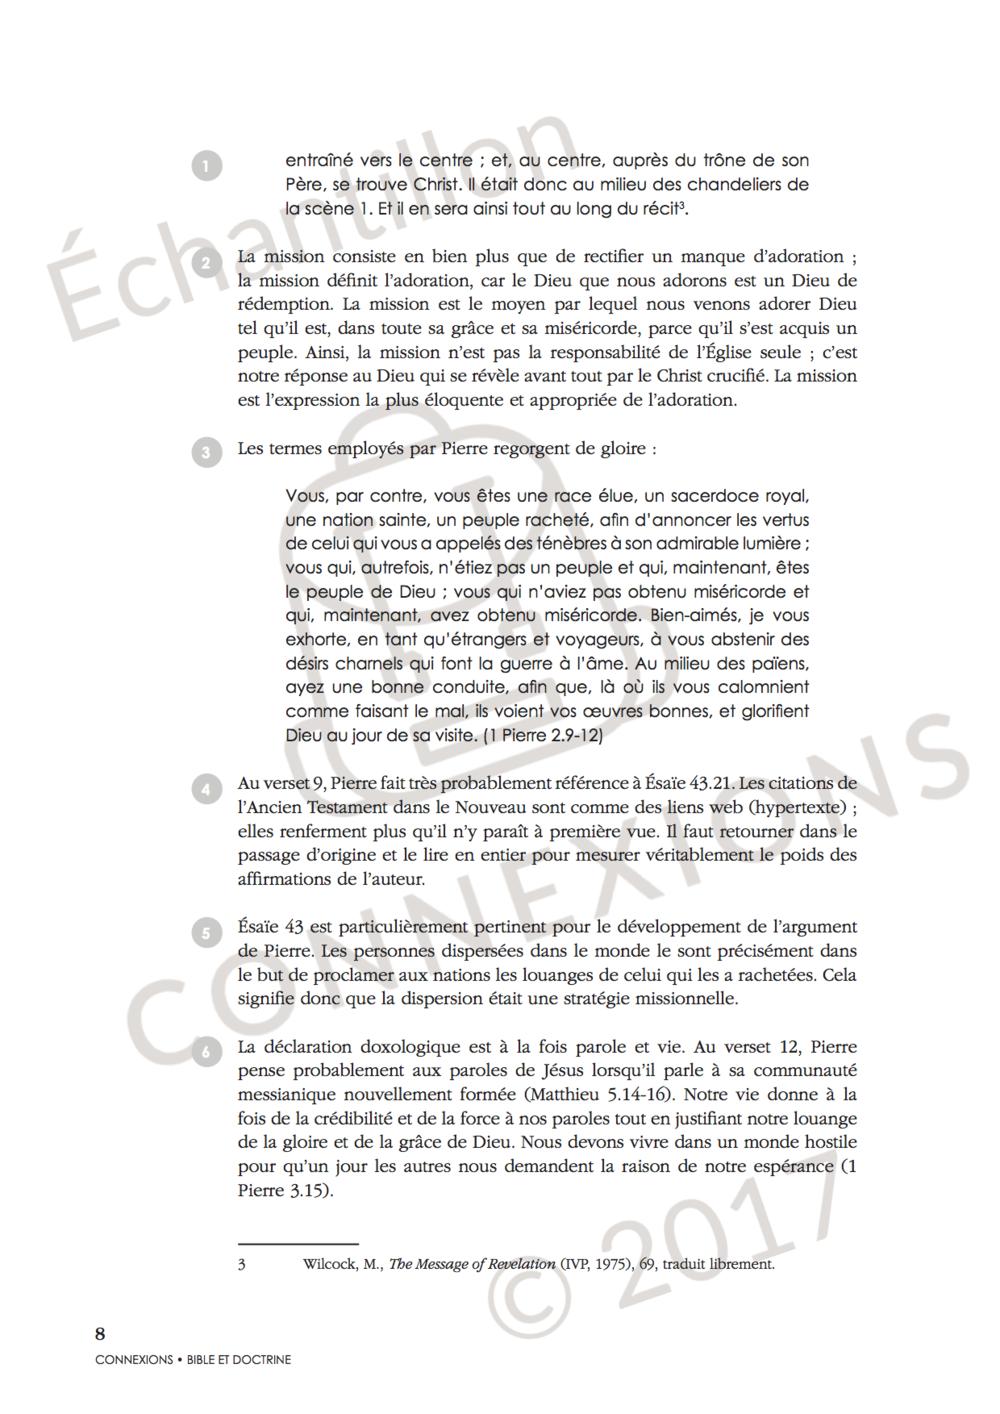 La visée missionnelle du récit biblique_sample_published.5.png